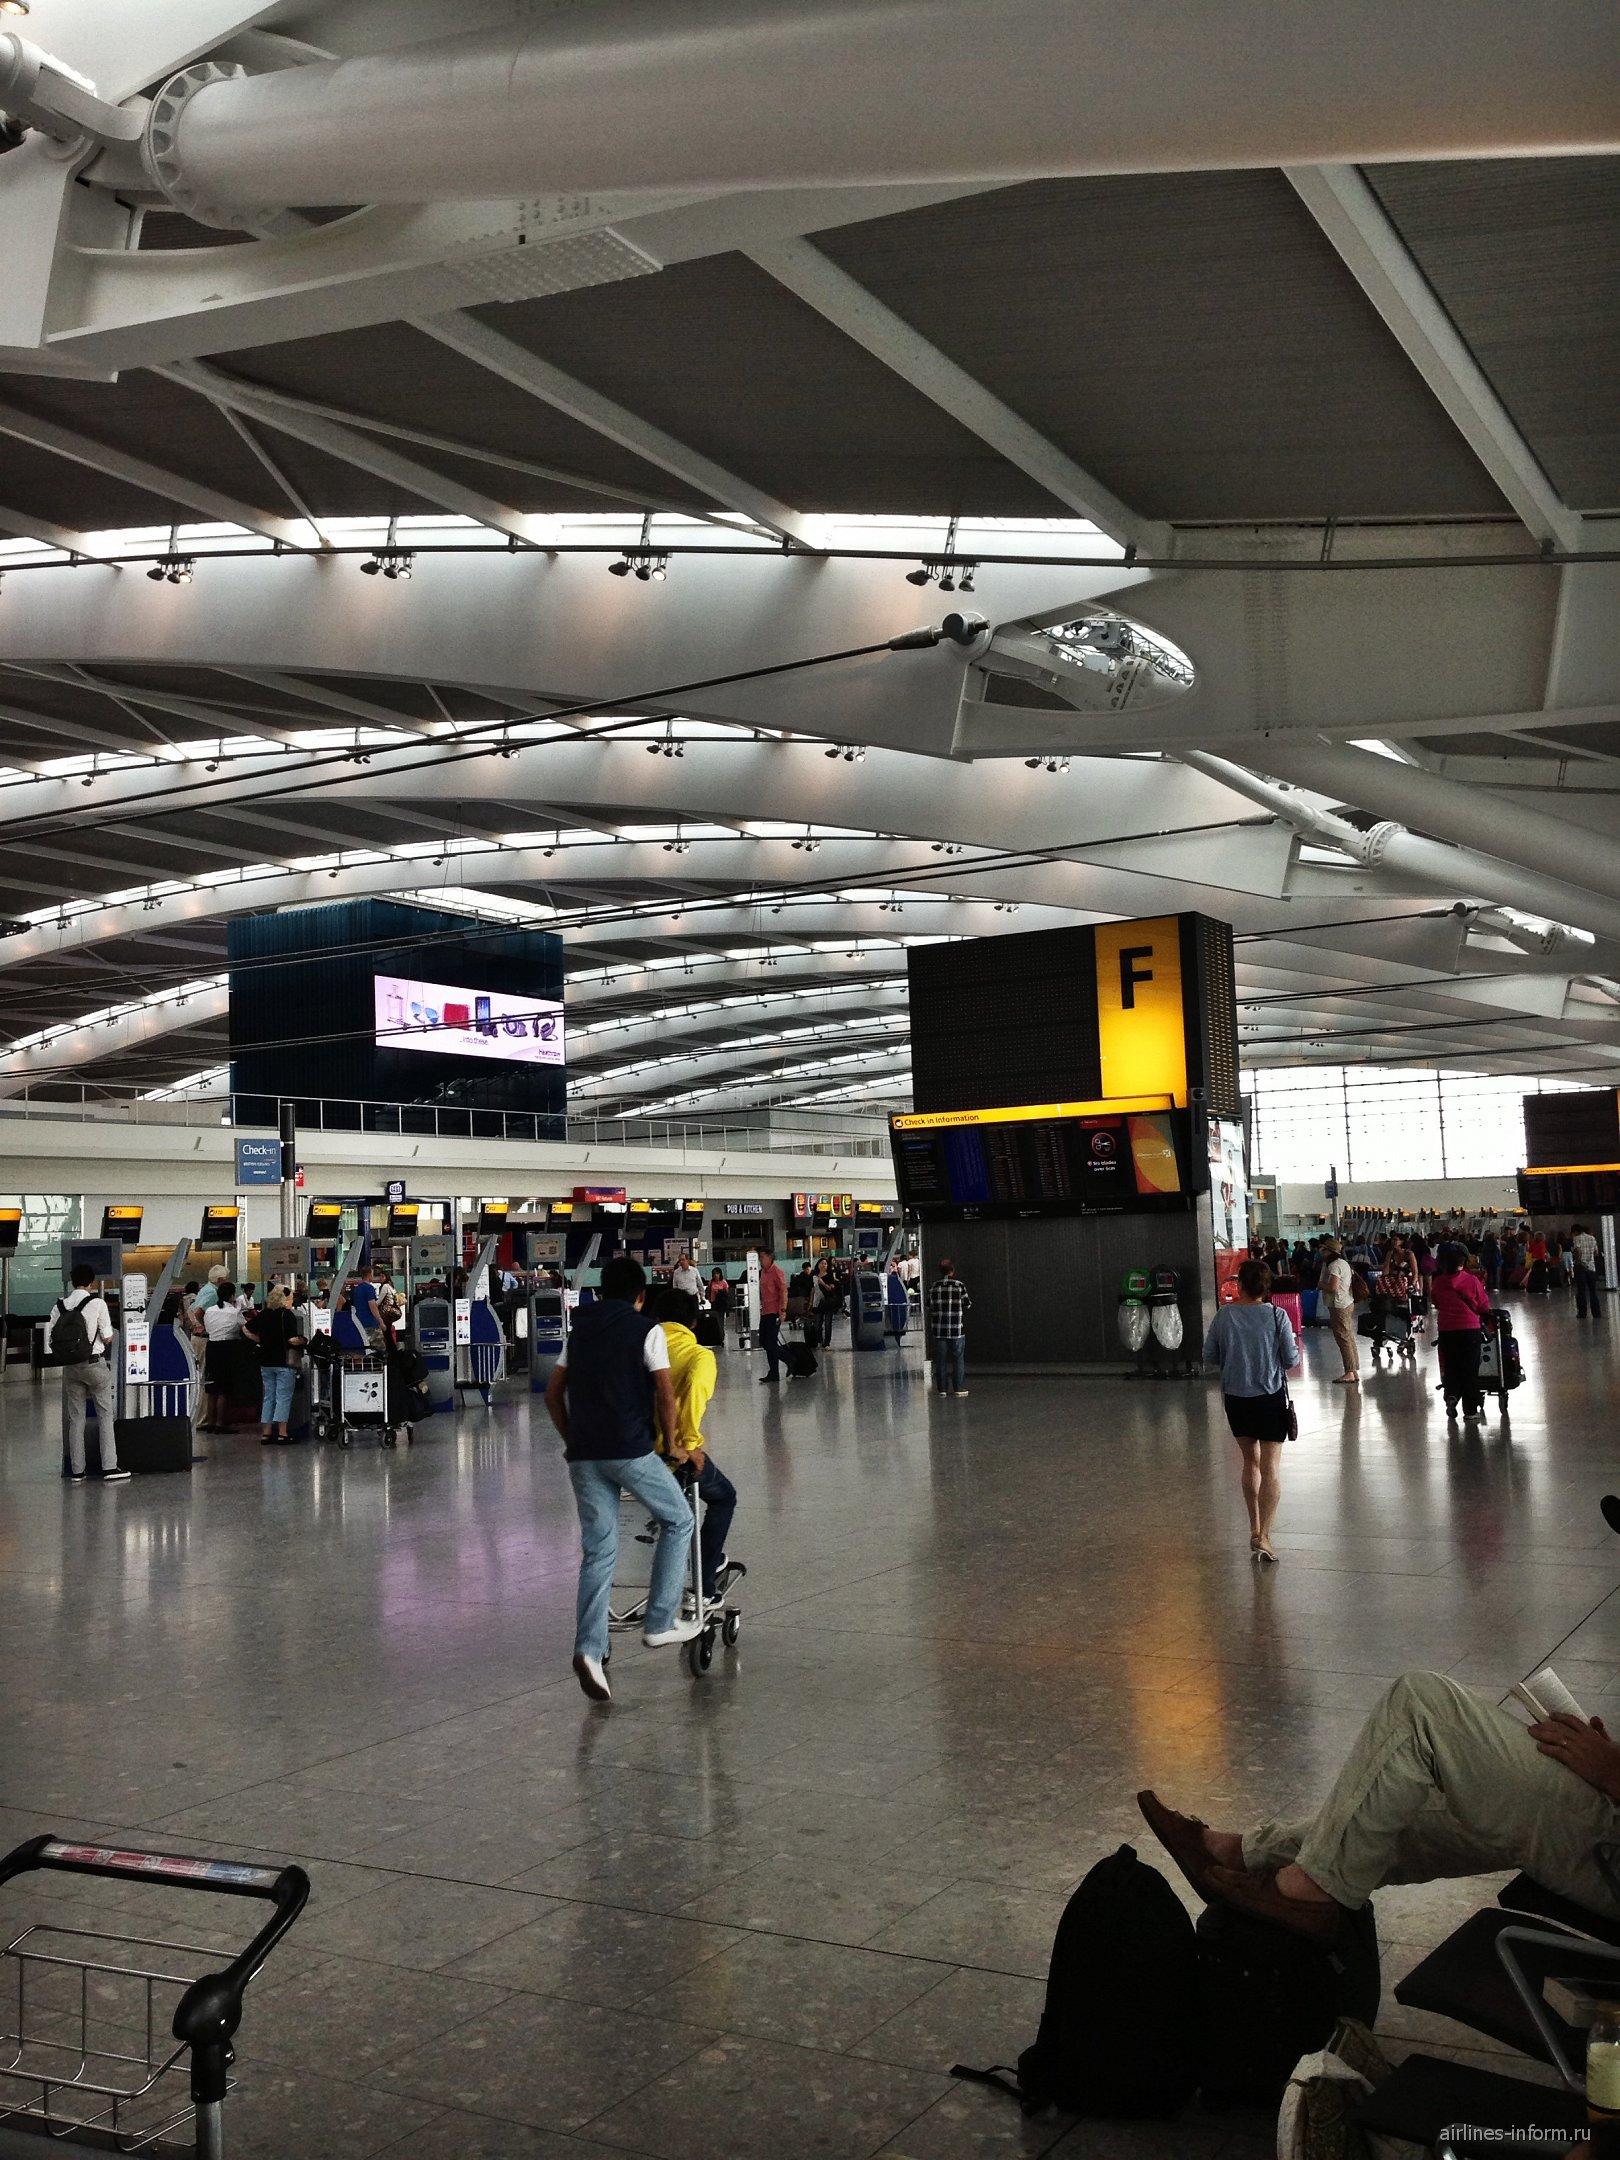 Терминал 5 аэропорта Хитроу в Лондоне